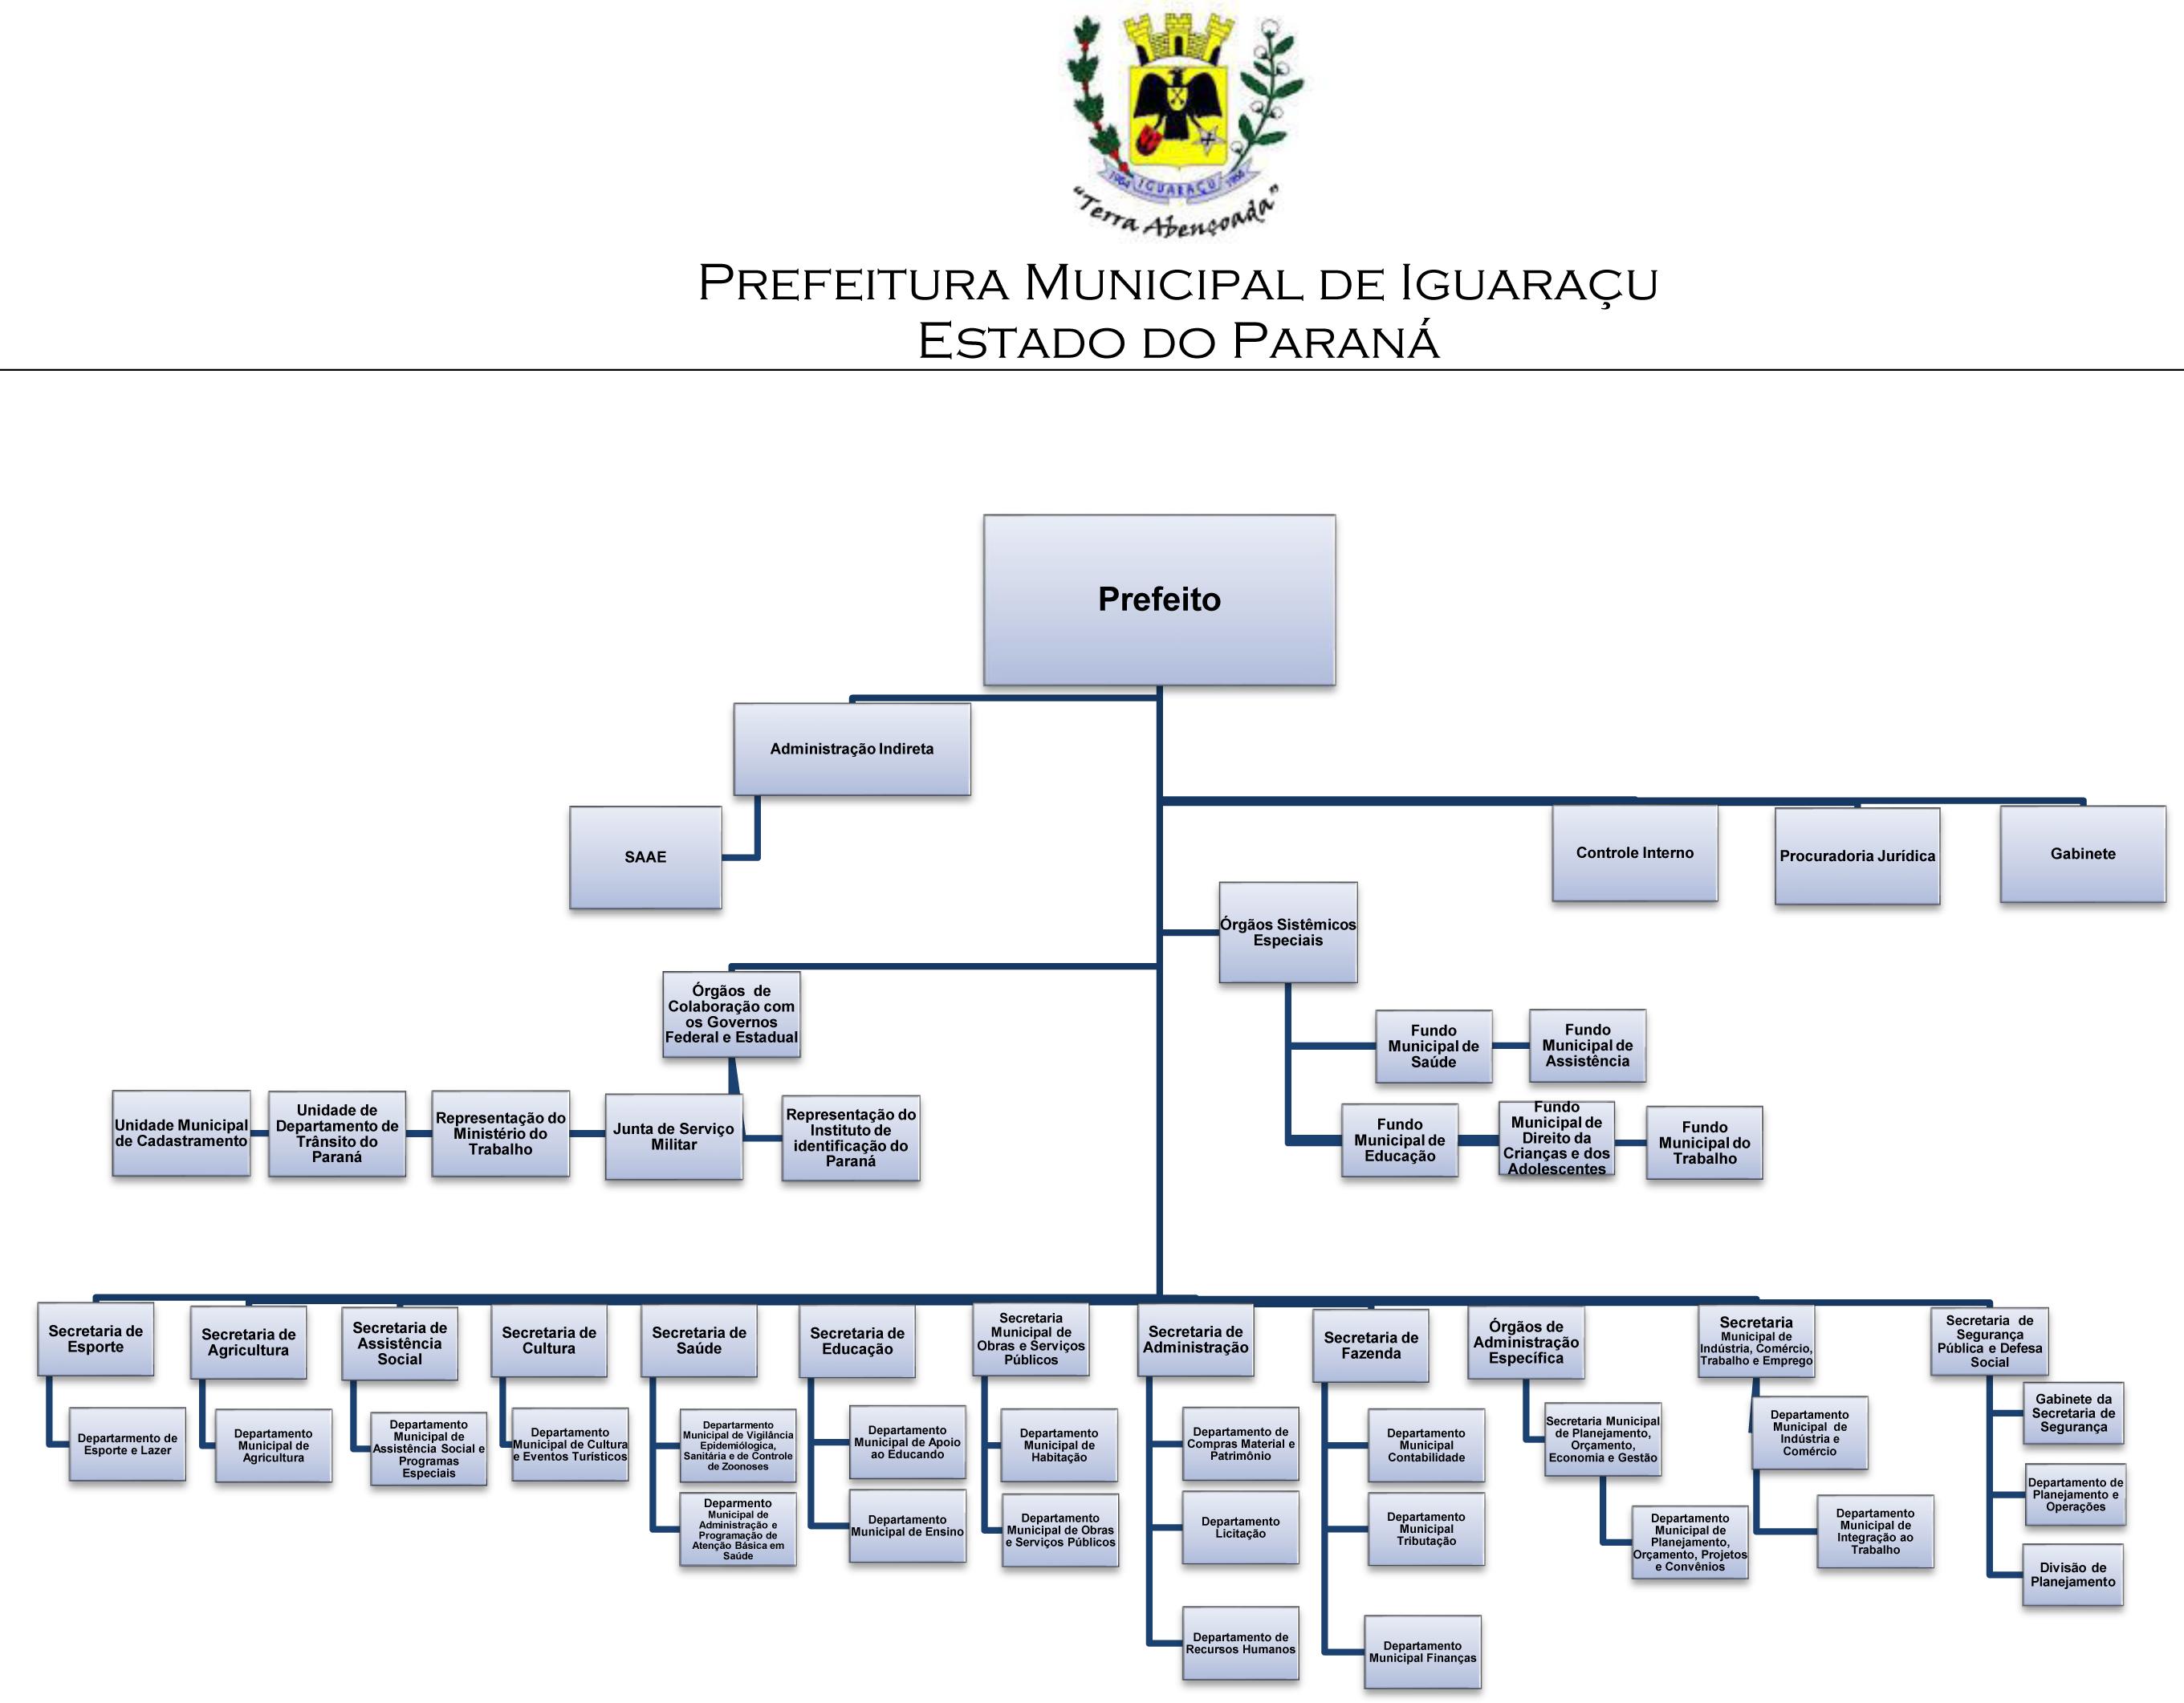 ORGANOGRAMA - ESTRUTURA ADMINISTRATIVA LEI N.º 013, DE 24 DE MARÇO DE 2014